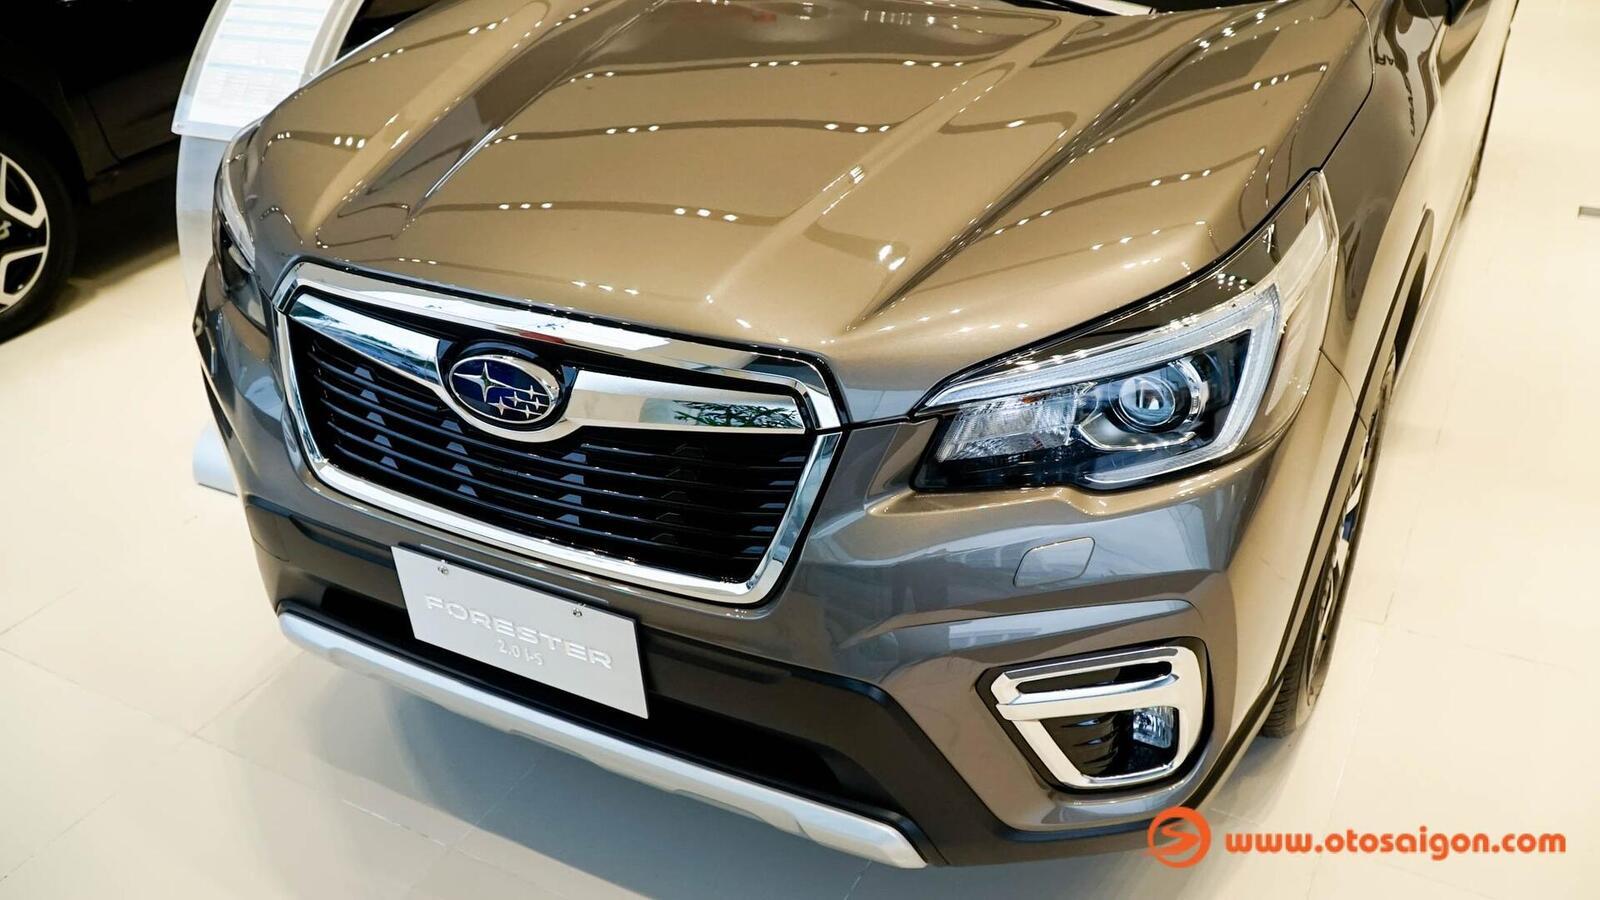 Đánh giá nhanh Subaru Forester thế hệ mới và sự khác biệt giữa hai phiên bản - Hình 10